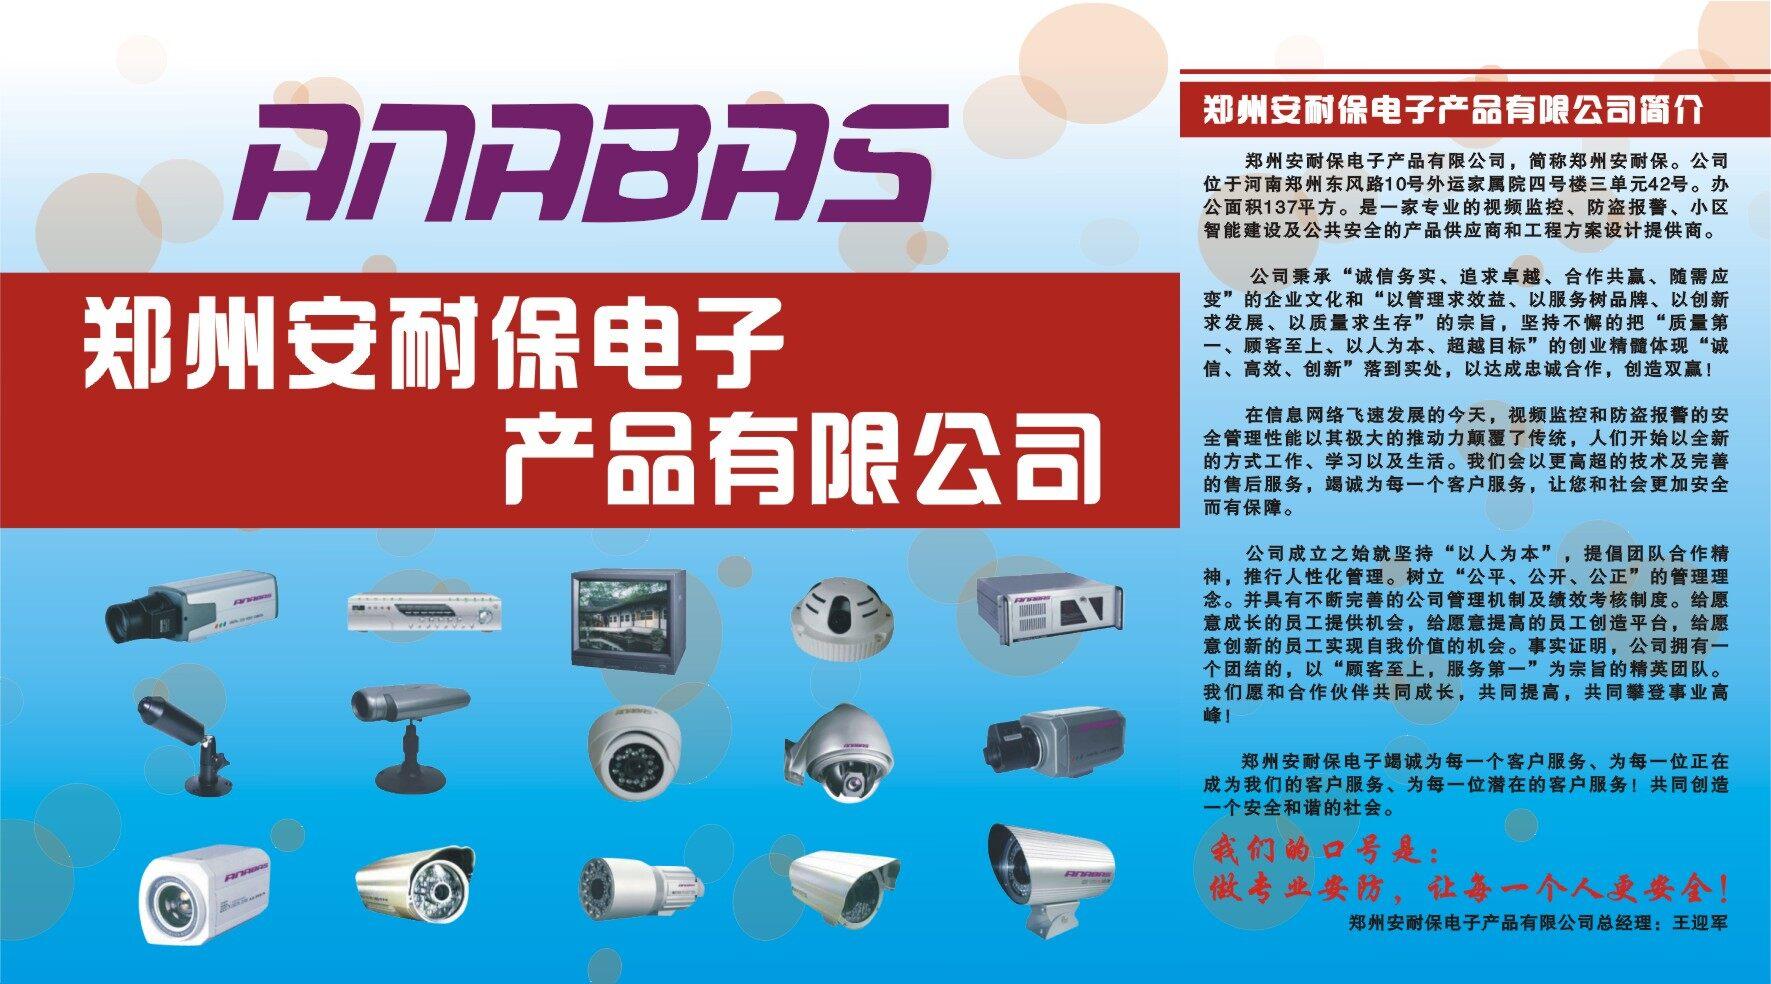 郑州安耐保电子产品有限公司